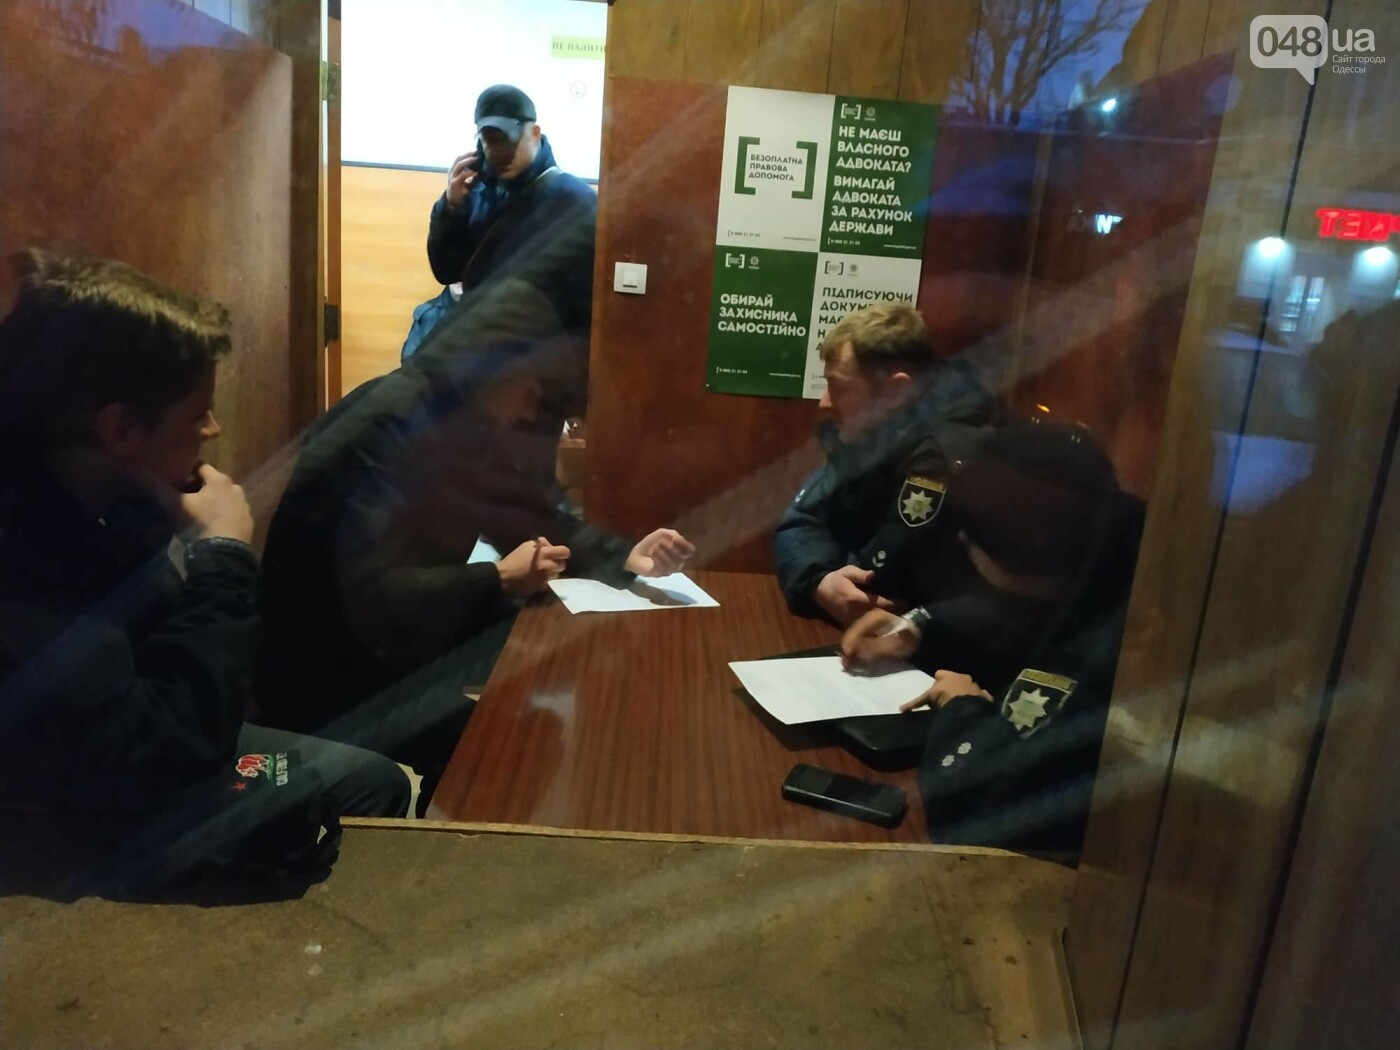 Задержанным около Одесского цирка активистам инкриминируют хулиганство и неповиновение, фото-2